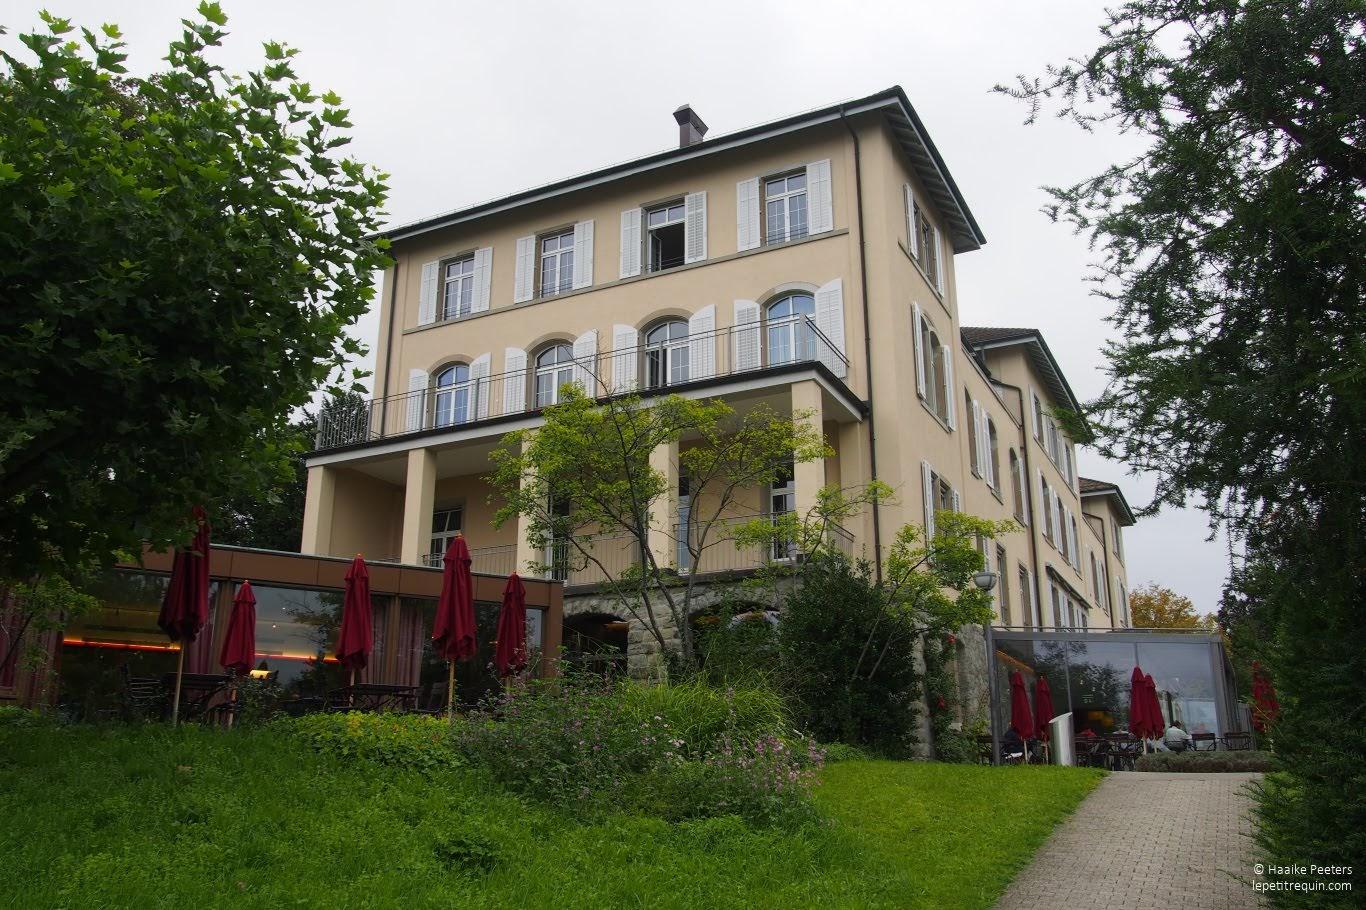 EPI-Klinik Zürich (Le petit requin)